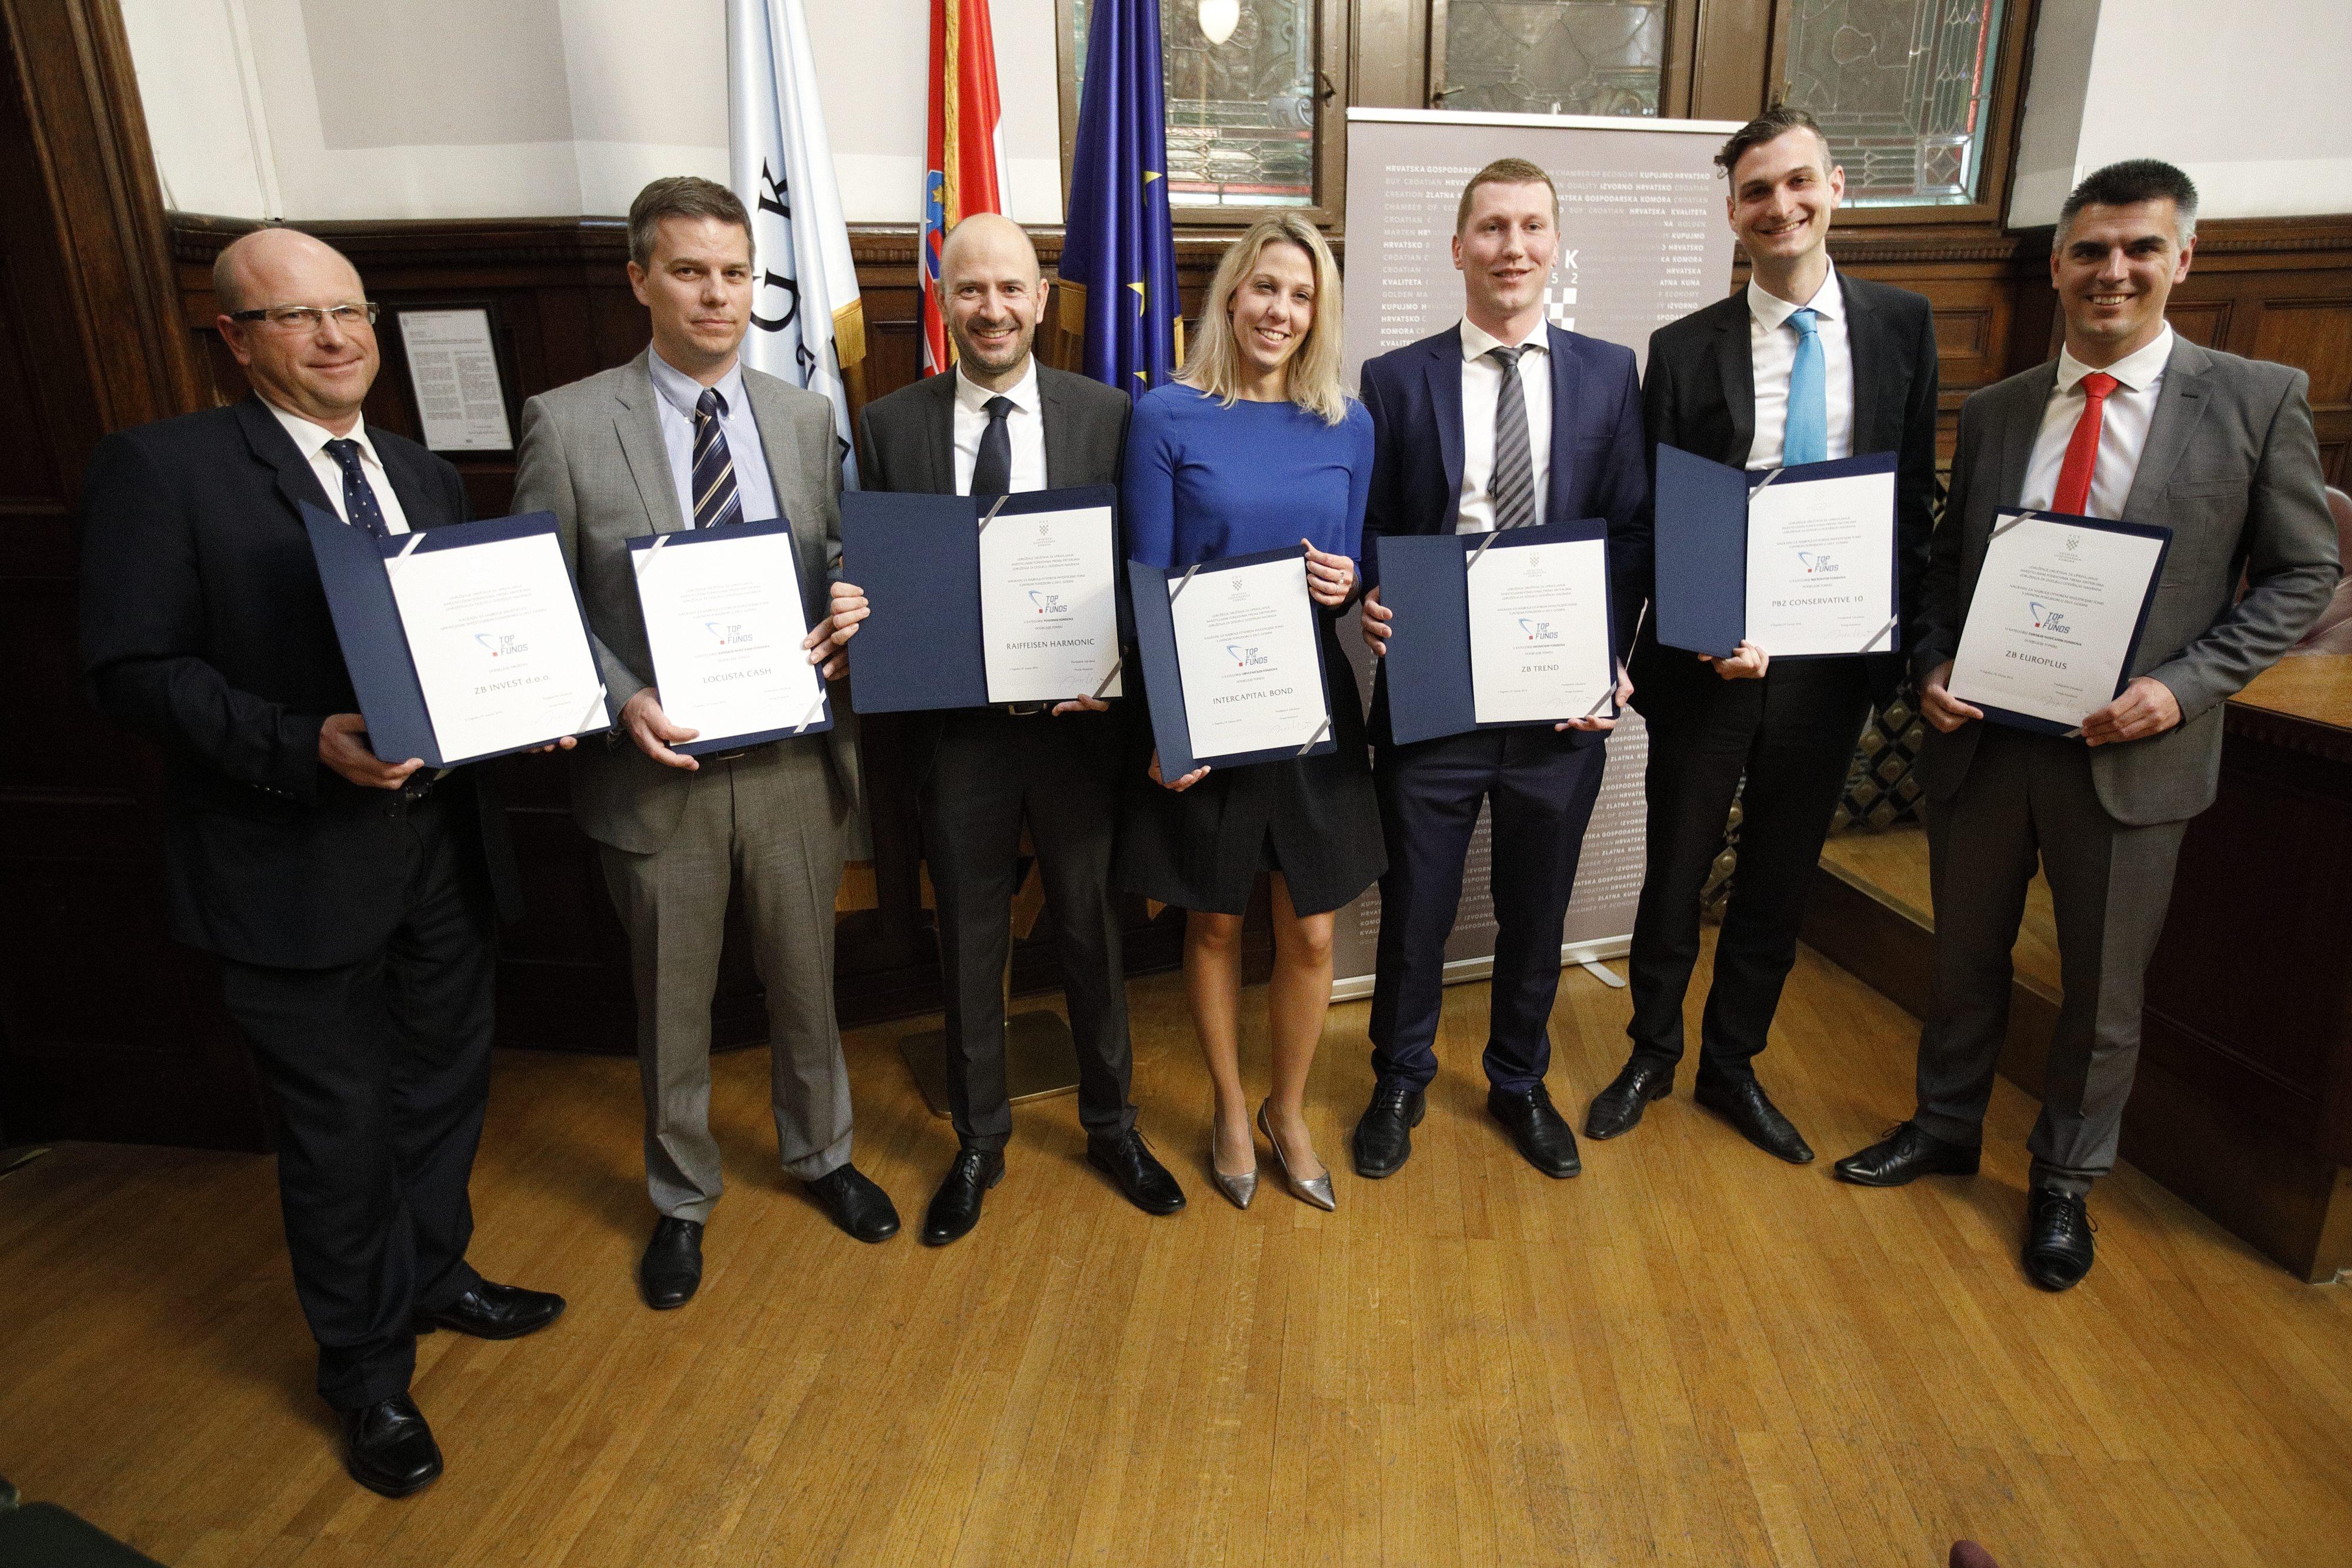 """Dobitnici ggodišnjih nagrada """"Top of the funds"""", za najbolje otvorene investicijske fondove s javnom ponudom i najbolje društvo za upravljanje investicijskim fondovima za 2017."""